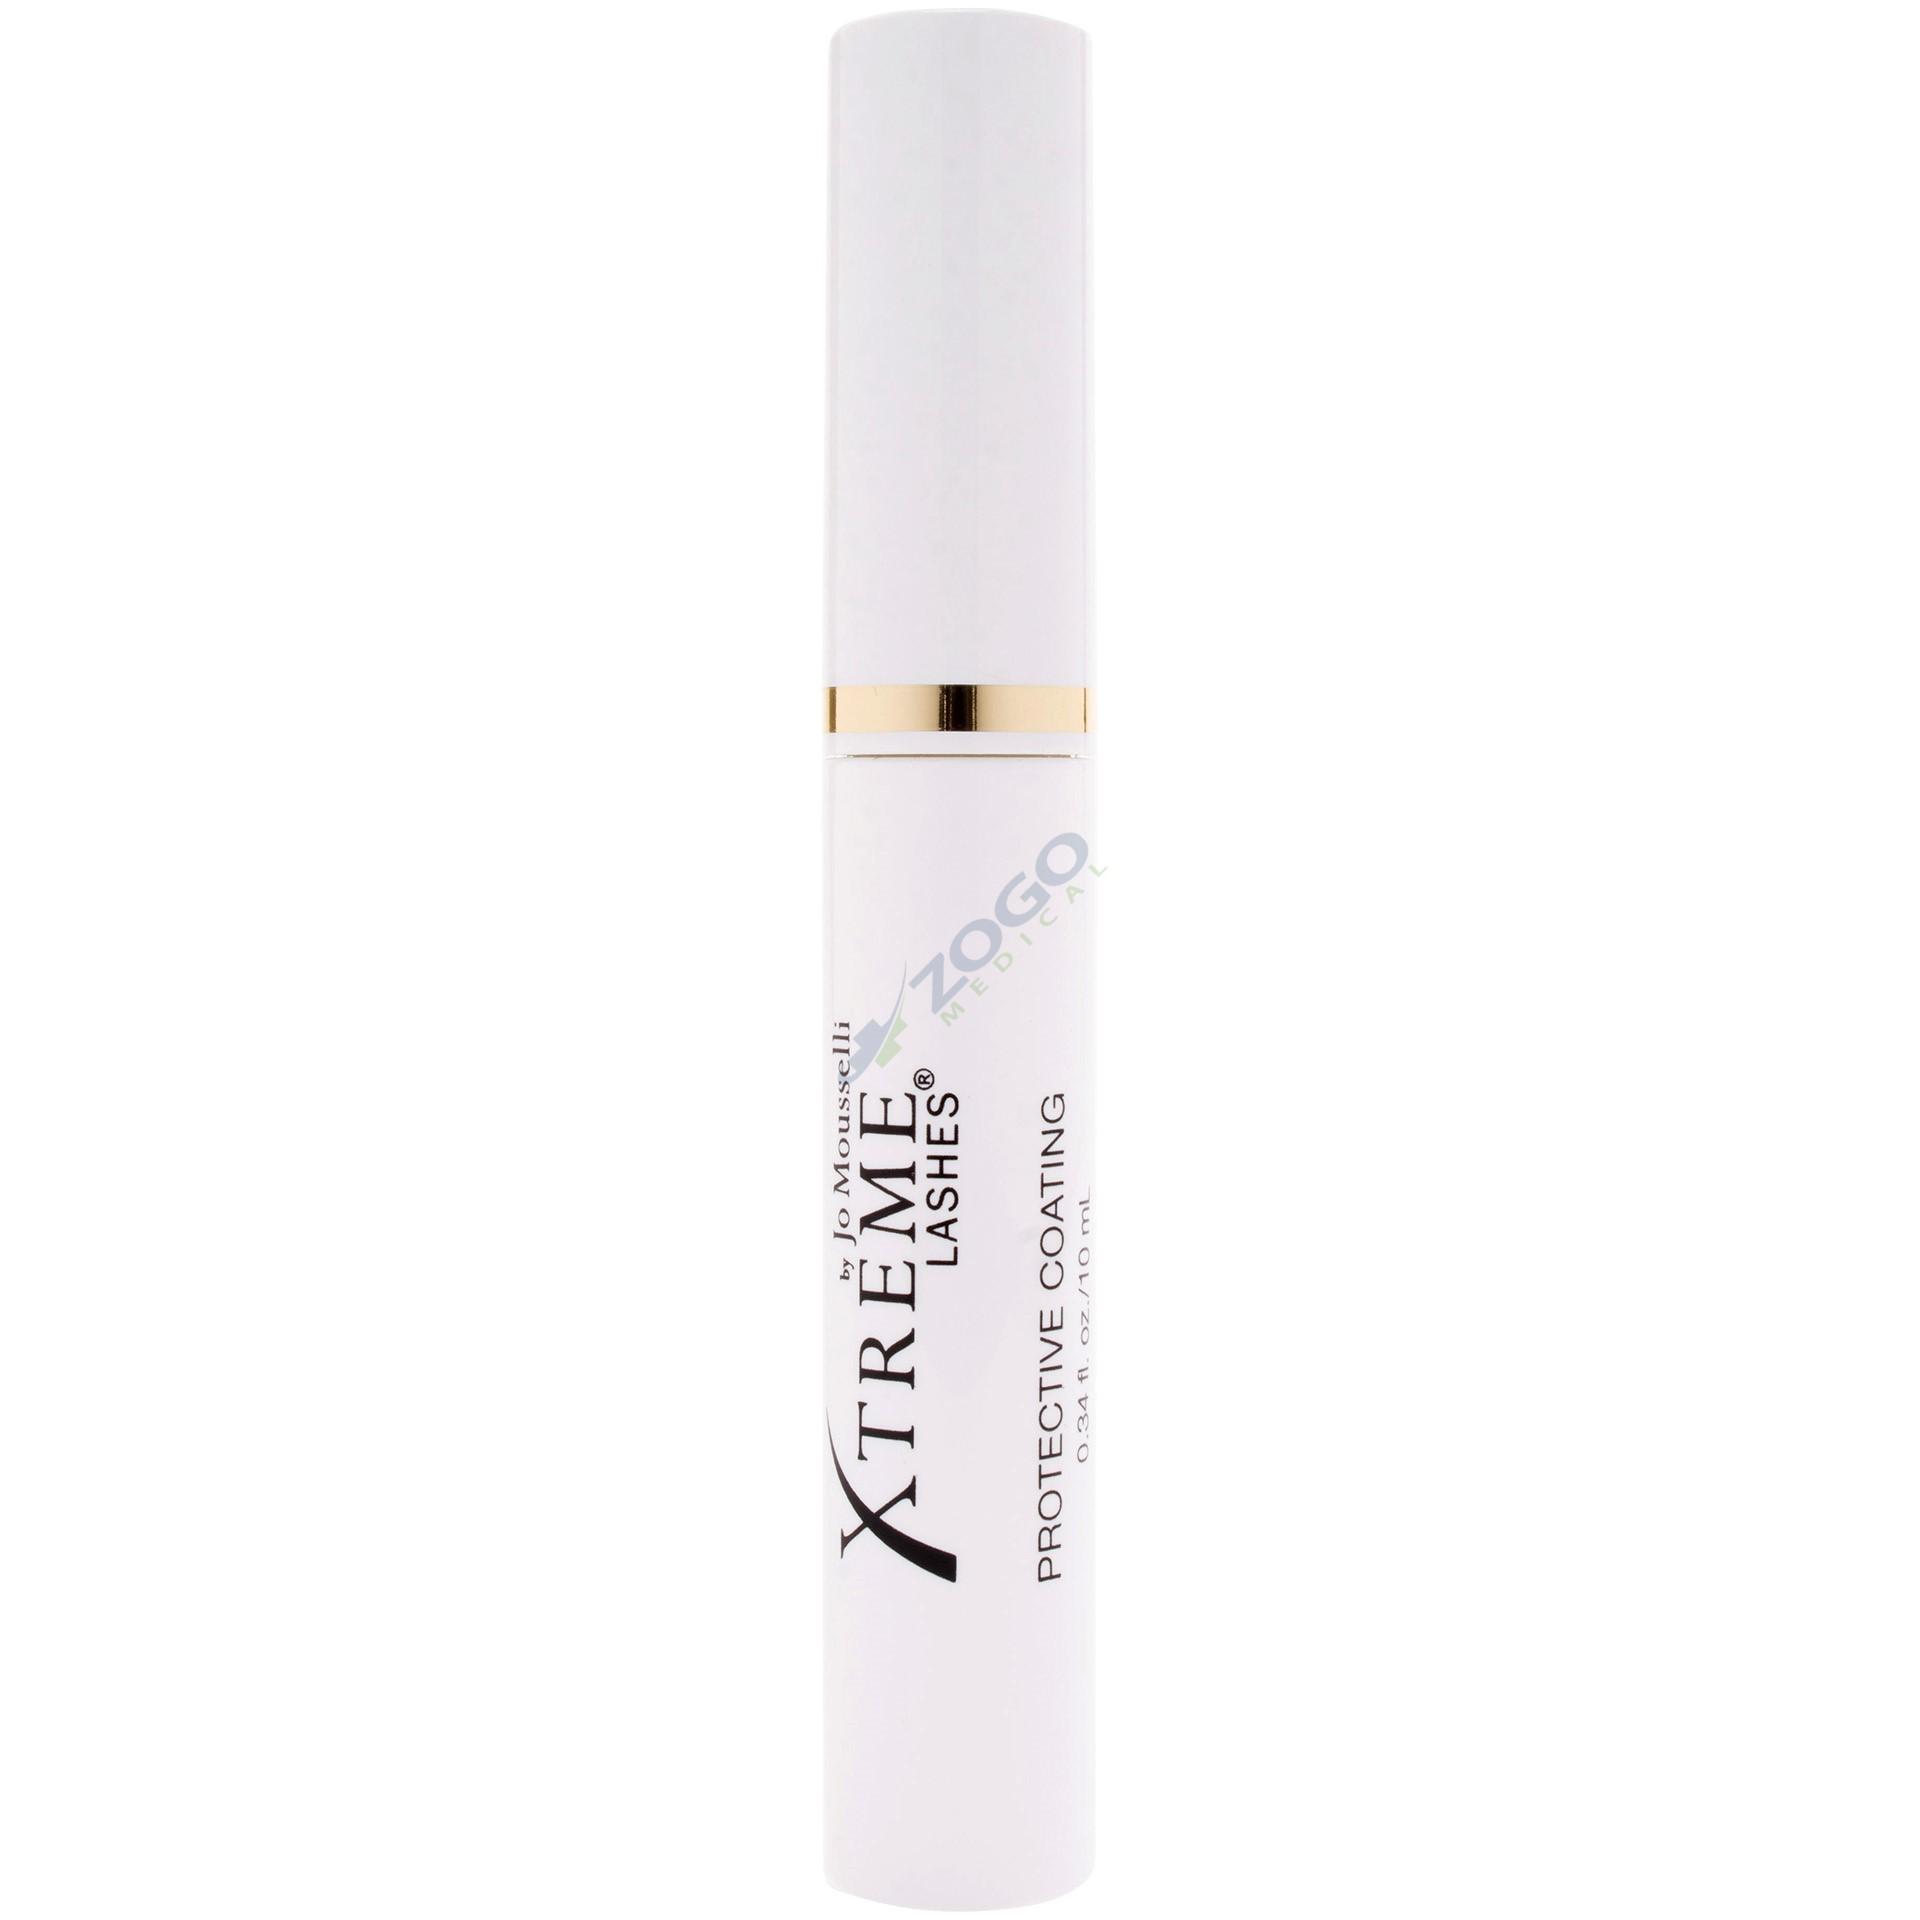 9b4805ebbec Xtreme Lashes Protective Coating for Eyelash Extensions 654367330043 ...